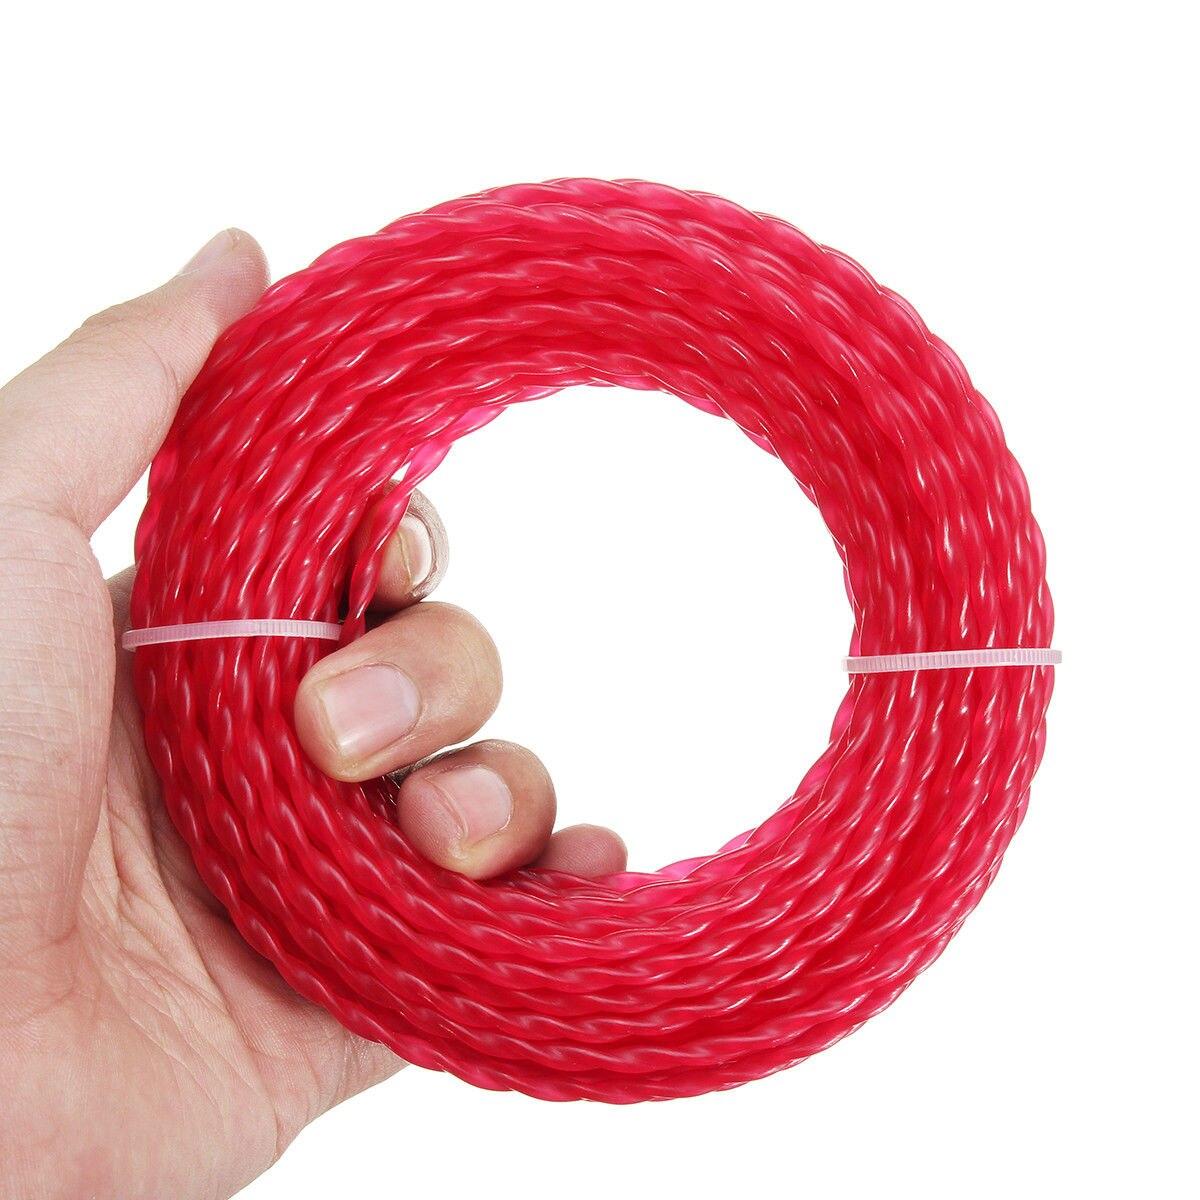 Nylon 15m * 3mm hilo de desbrozadora cuerda de cable de alambre de cadena cortador de césped jardín para más cepillo cortadores de 15m de longitud, diámetro 3mm rojo